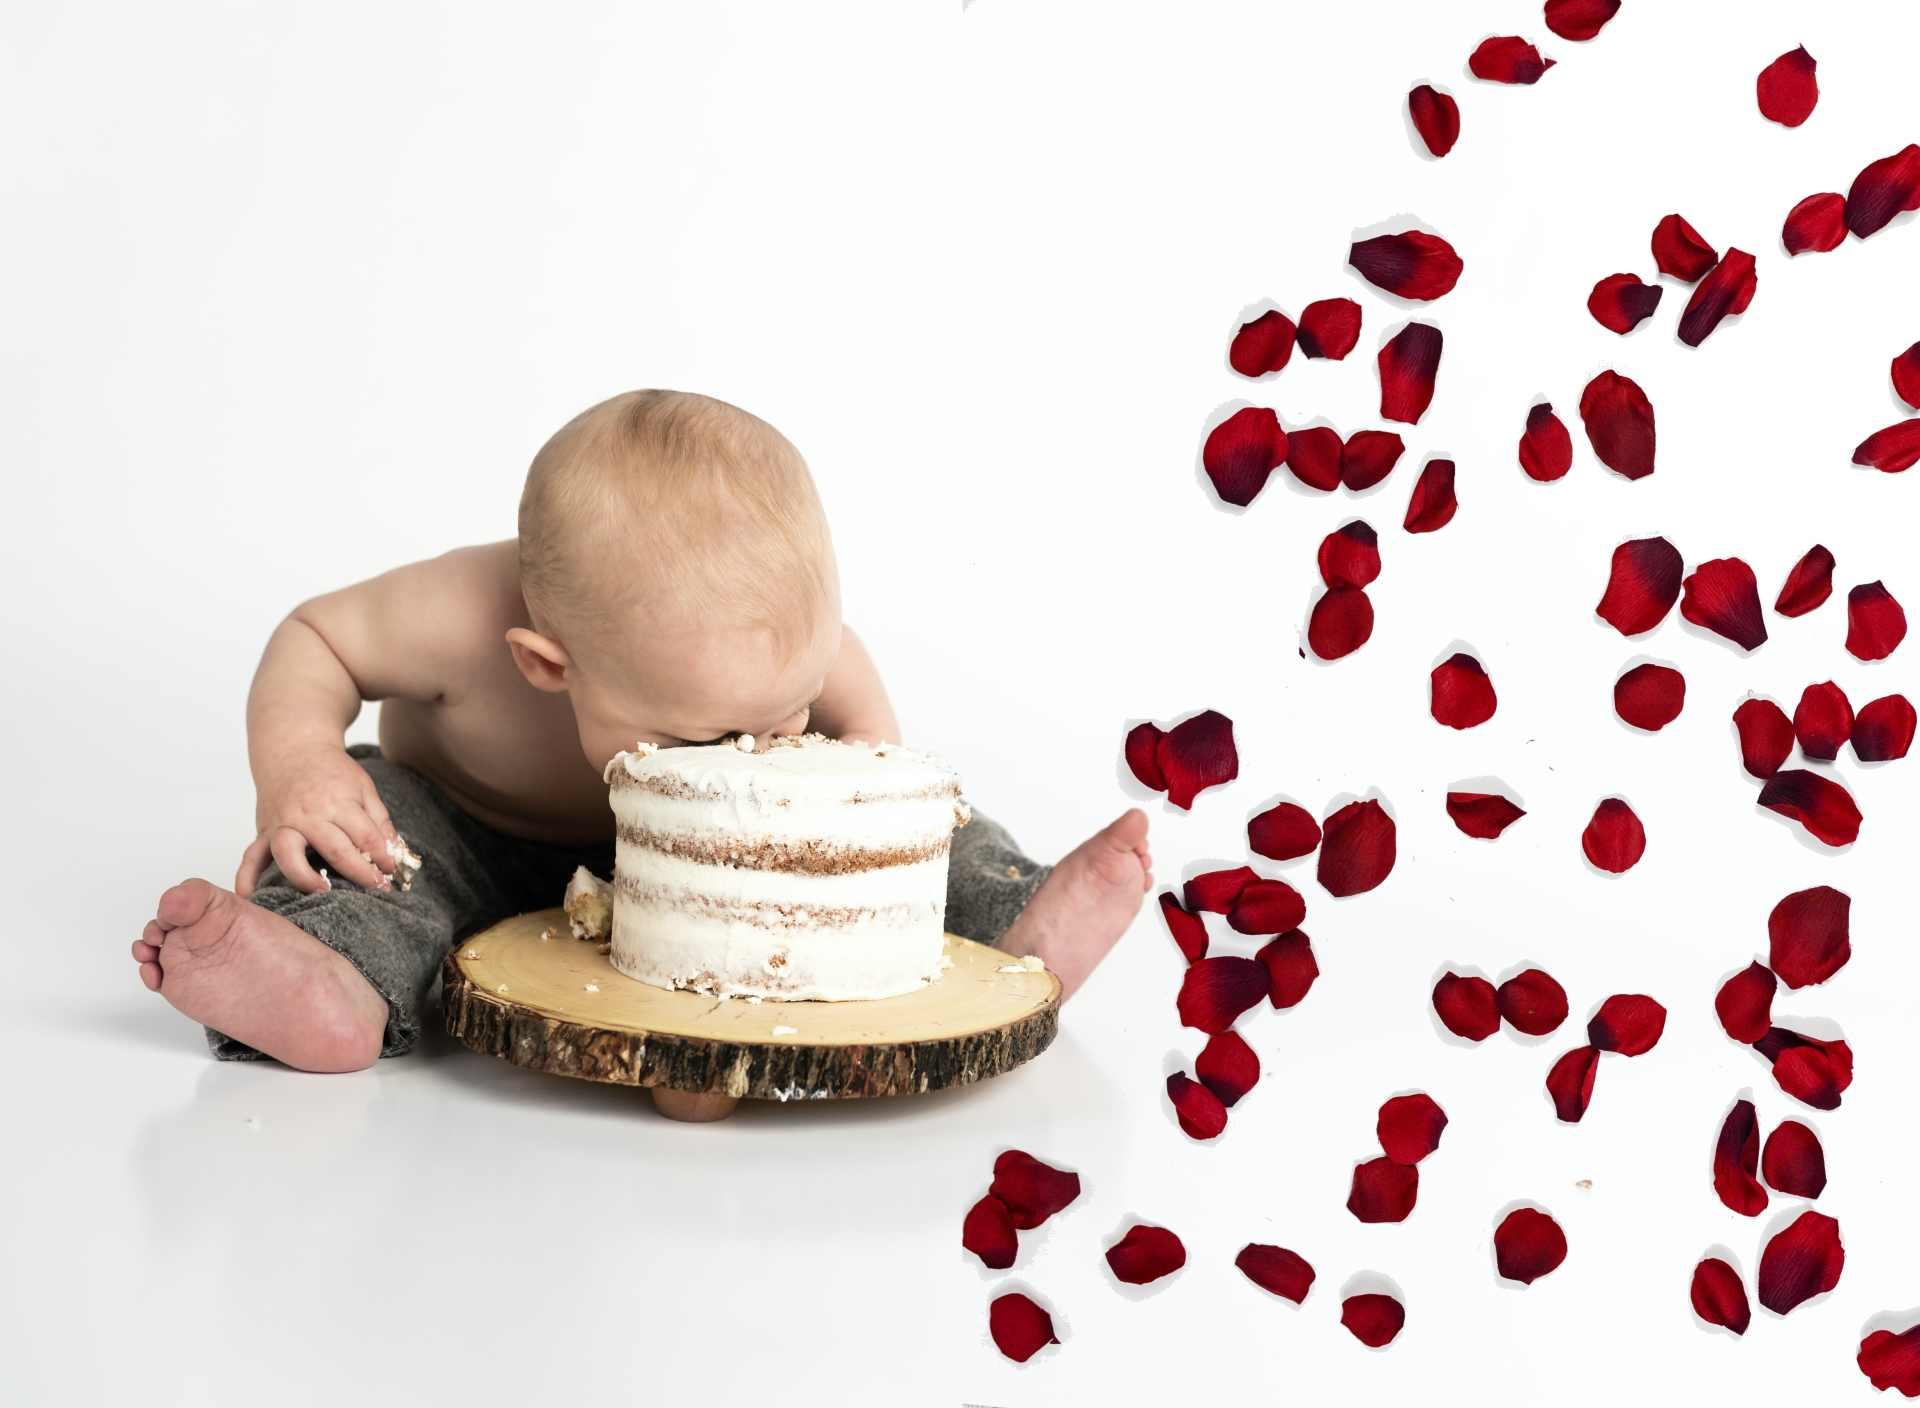 afbeelding: kind met hoofd in taart als metafoor voor politici hebberig naar het pluche